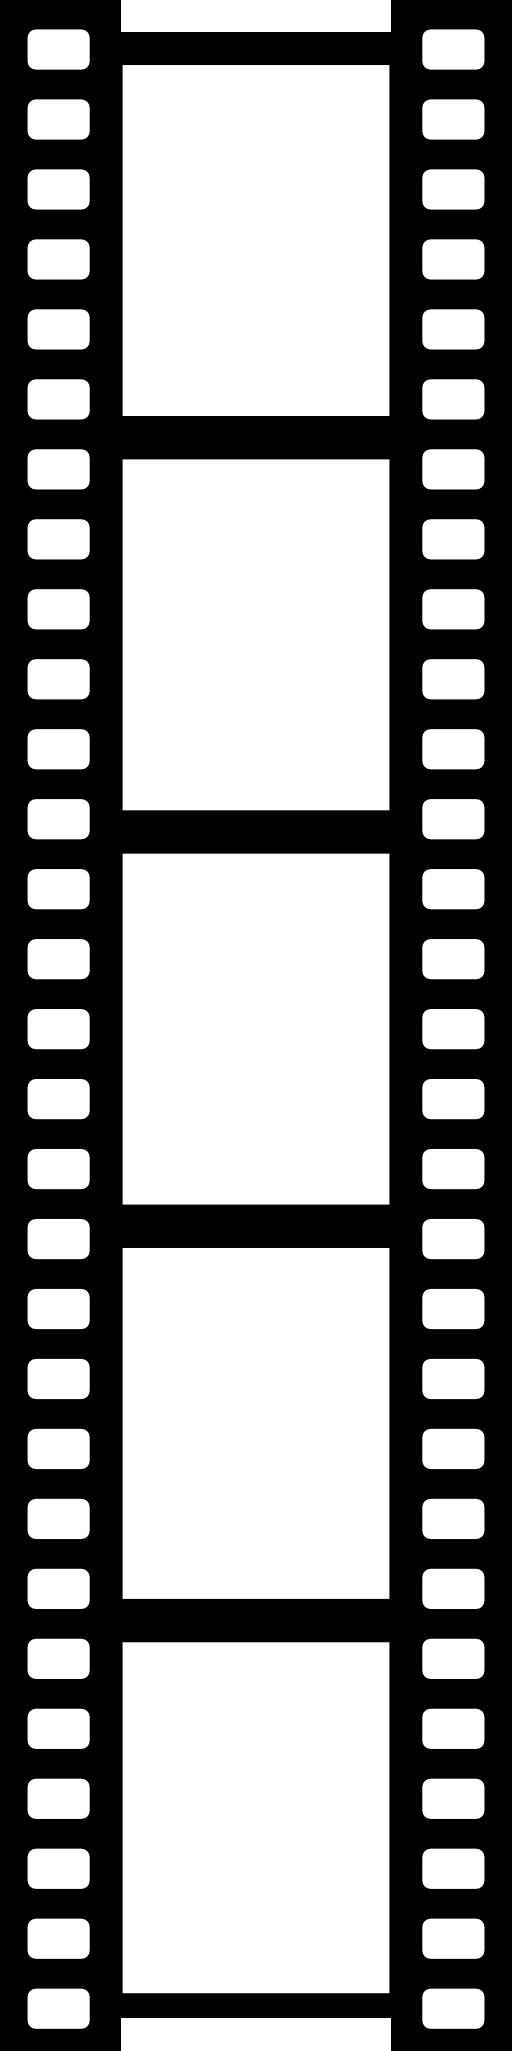 Film movie clipart